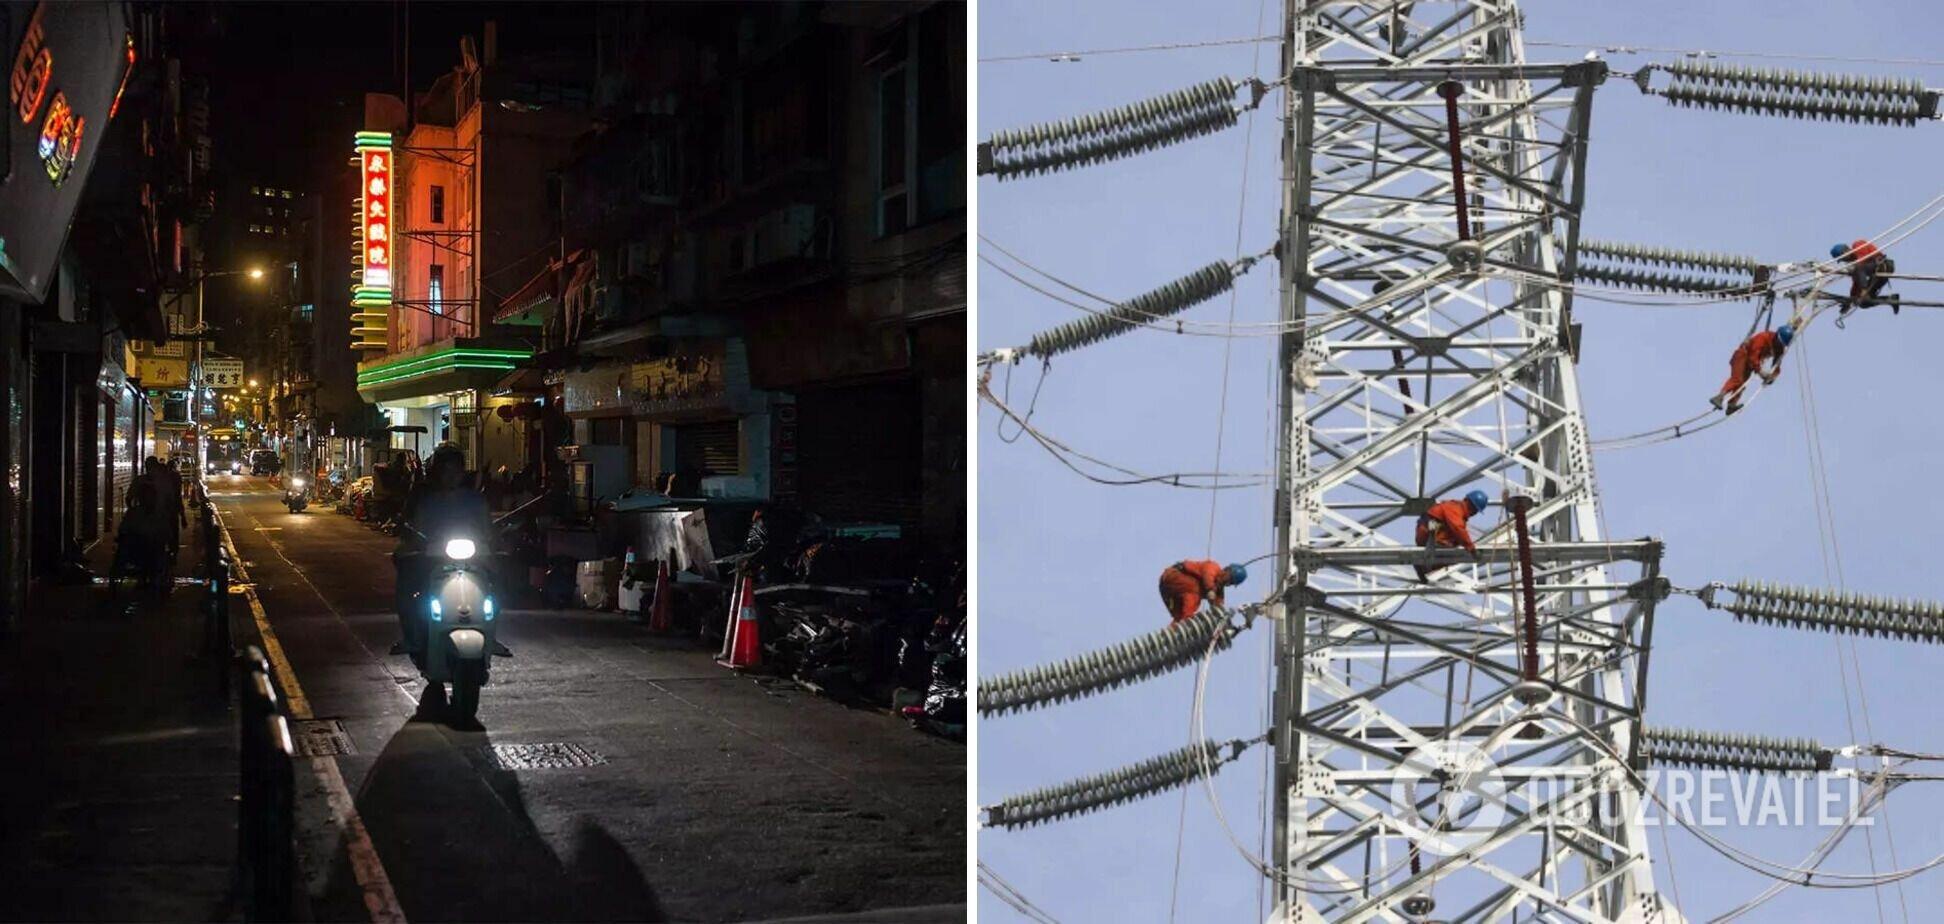 Из-за перебоев с электричеством остановили работу заводы, которые поставляют компоненты компаниям Tesla и Apple